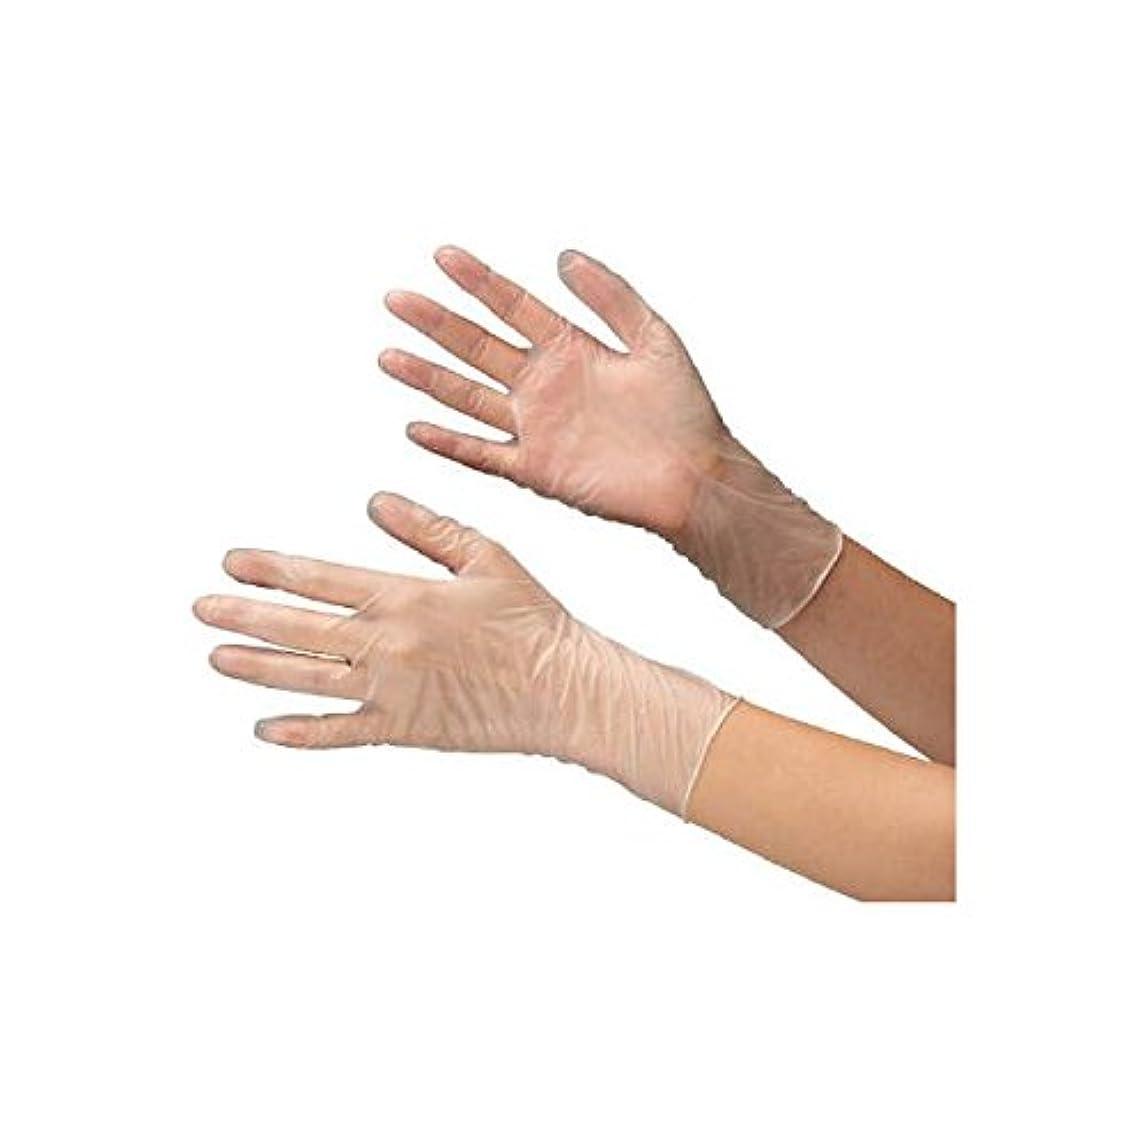 過去連隊枯れるミドリ安全/ミドリ安全 塩化ビニール製 使い捨て手袋 粉なし 100枚入 L(3889301) VERTE-851-L [その他]